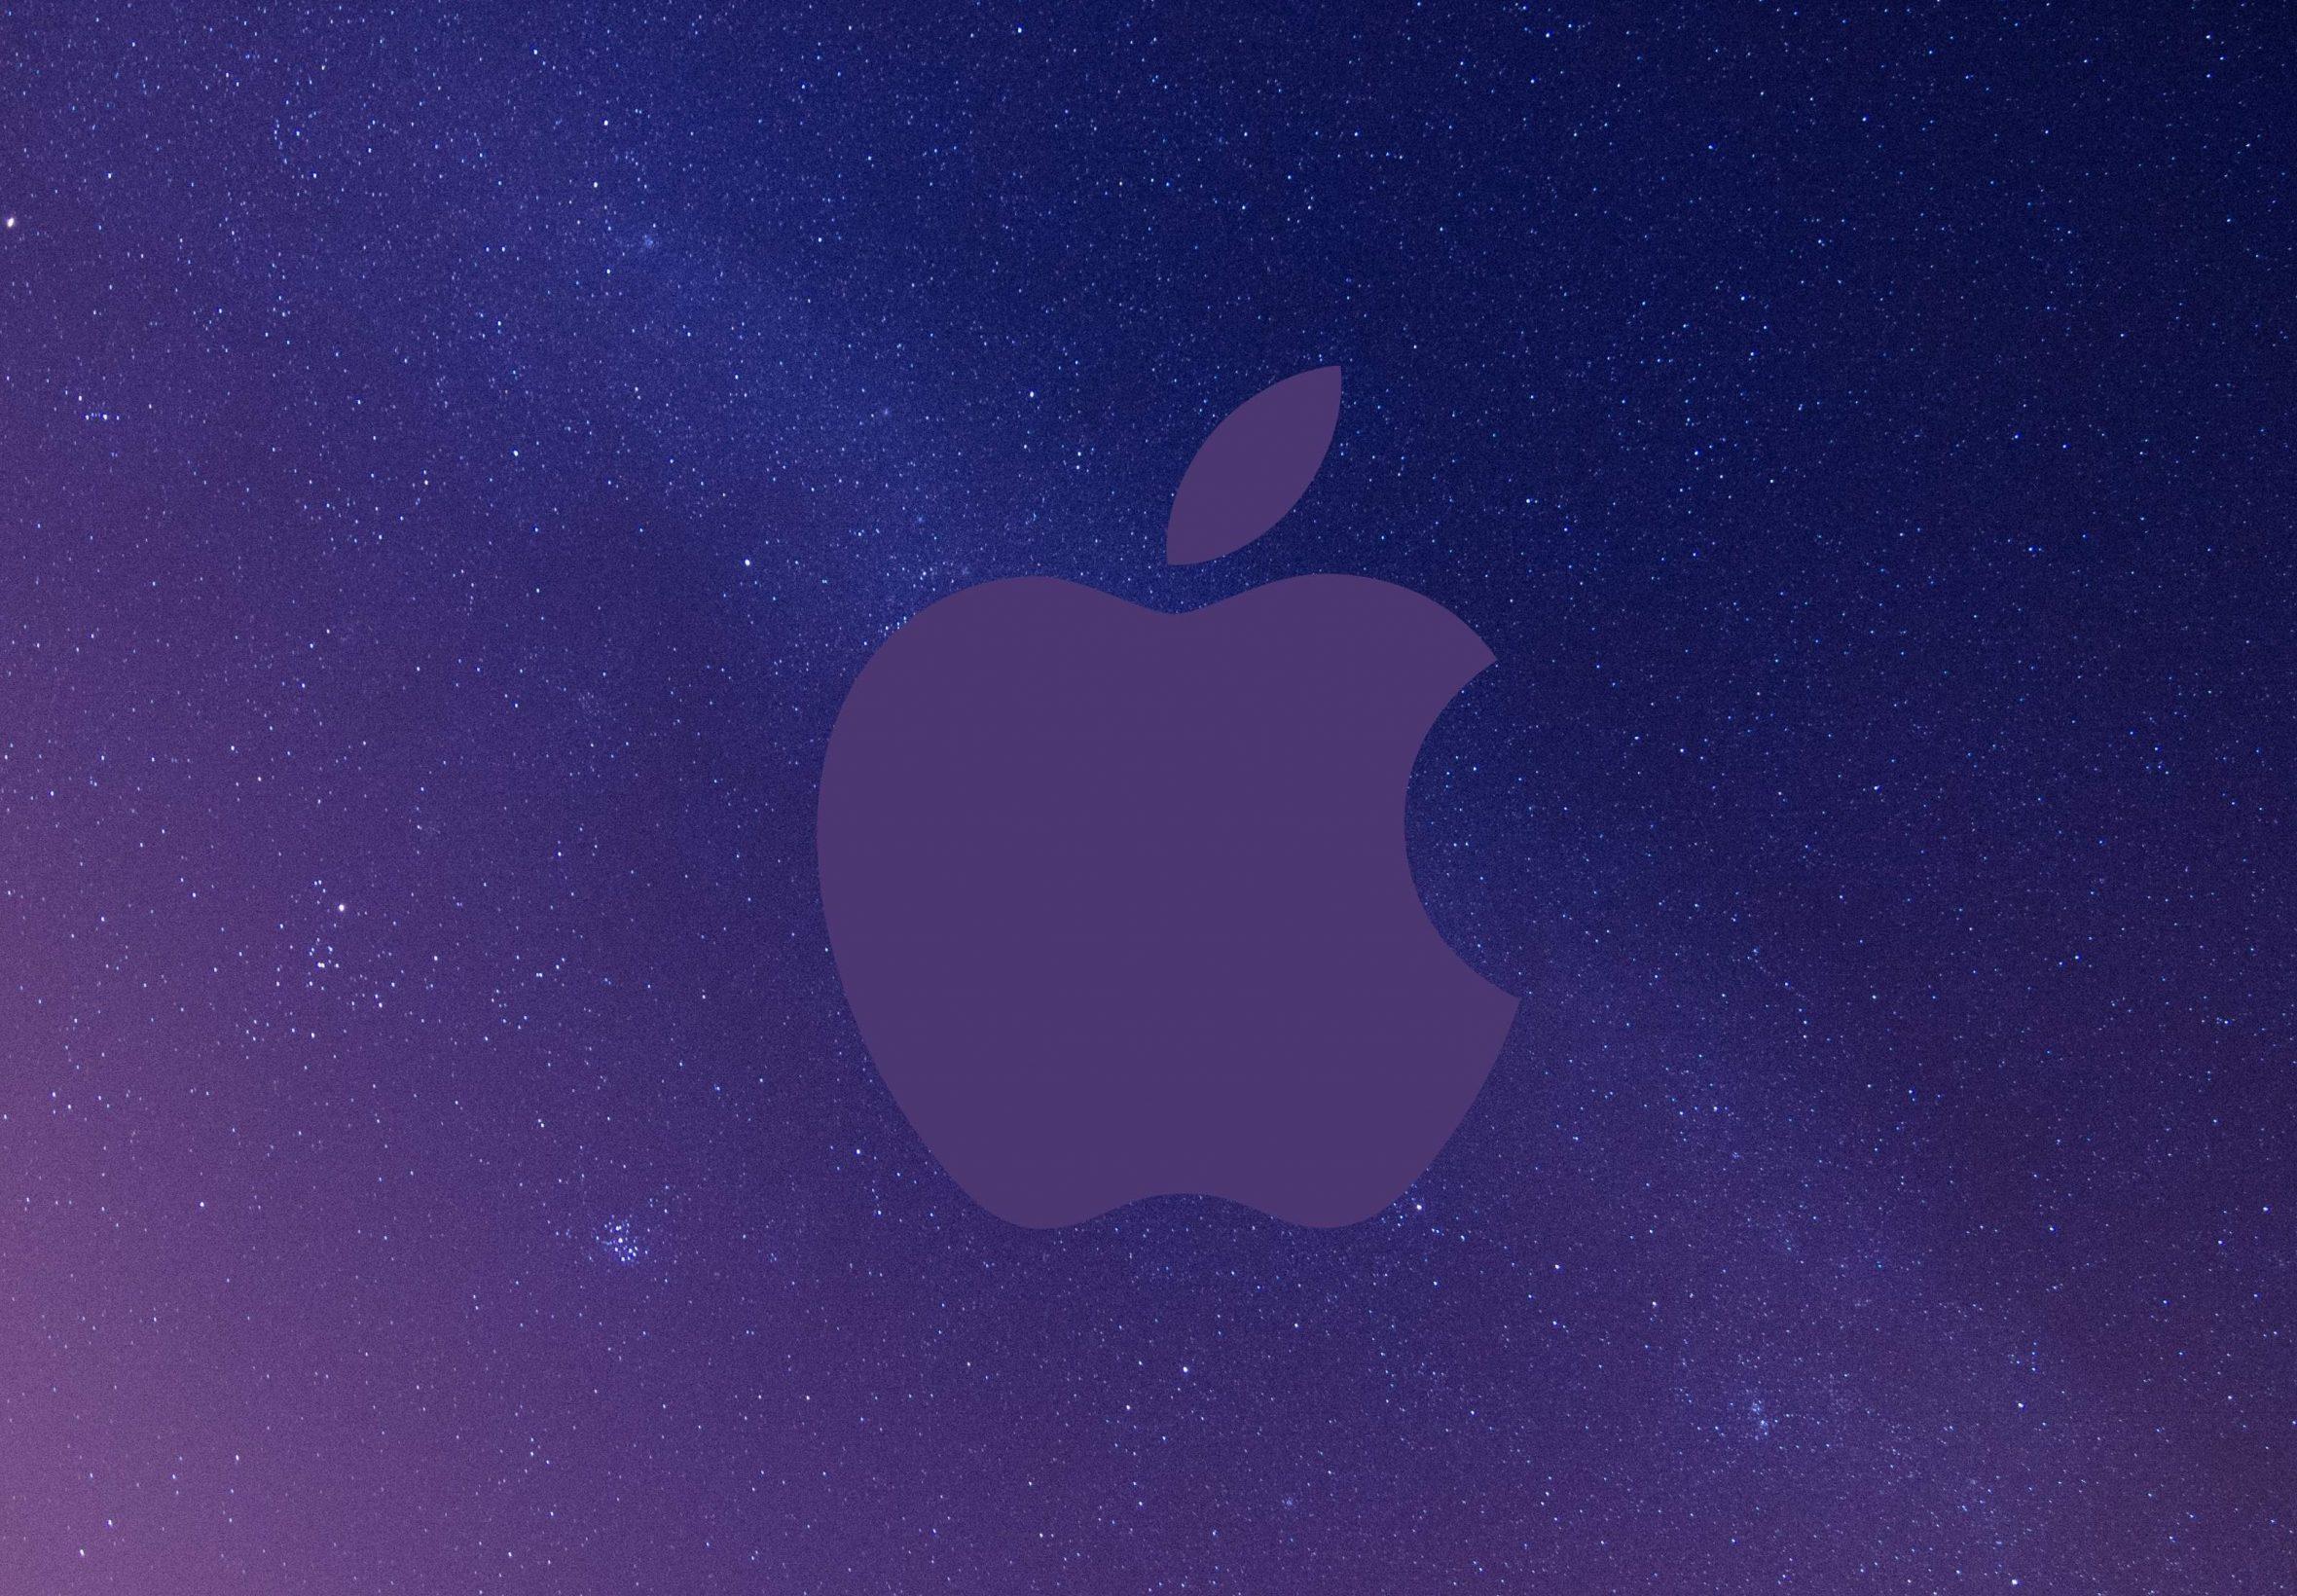 2360x1640 iPad Air wallpaper 4k Apple Logo Grey Sky Night Stars Space iPad Wallpaper 2360x1640 pixels resolution